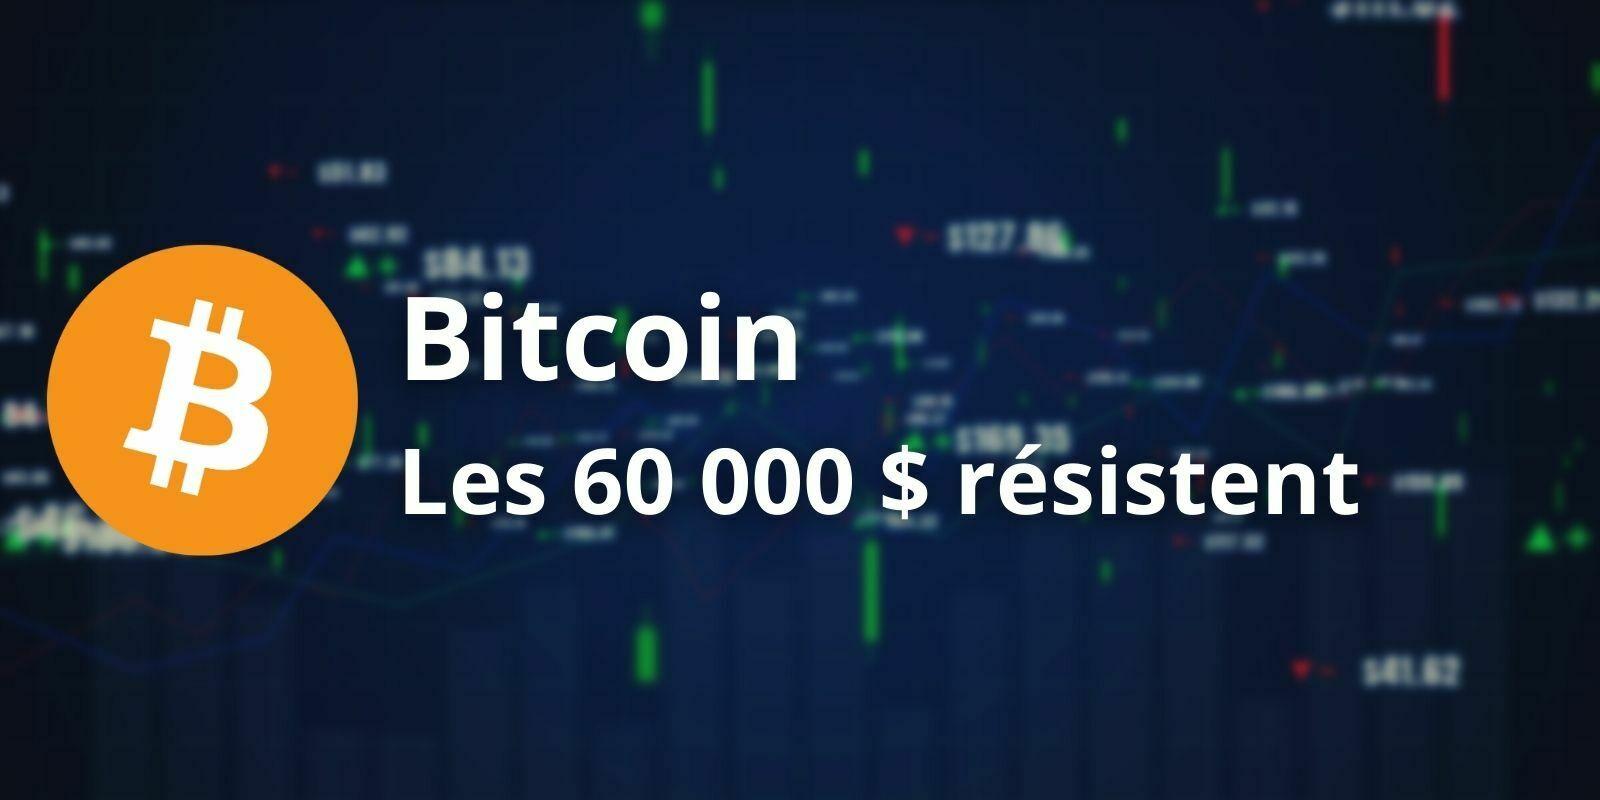 Bitcoin (BTC) - La résistance technique des 60 000 $ ne tombe toujours pas